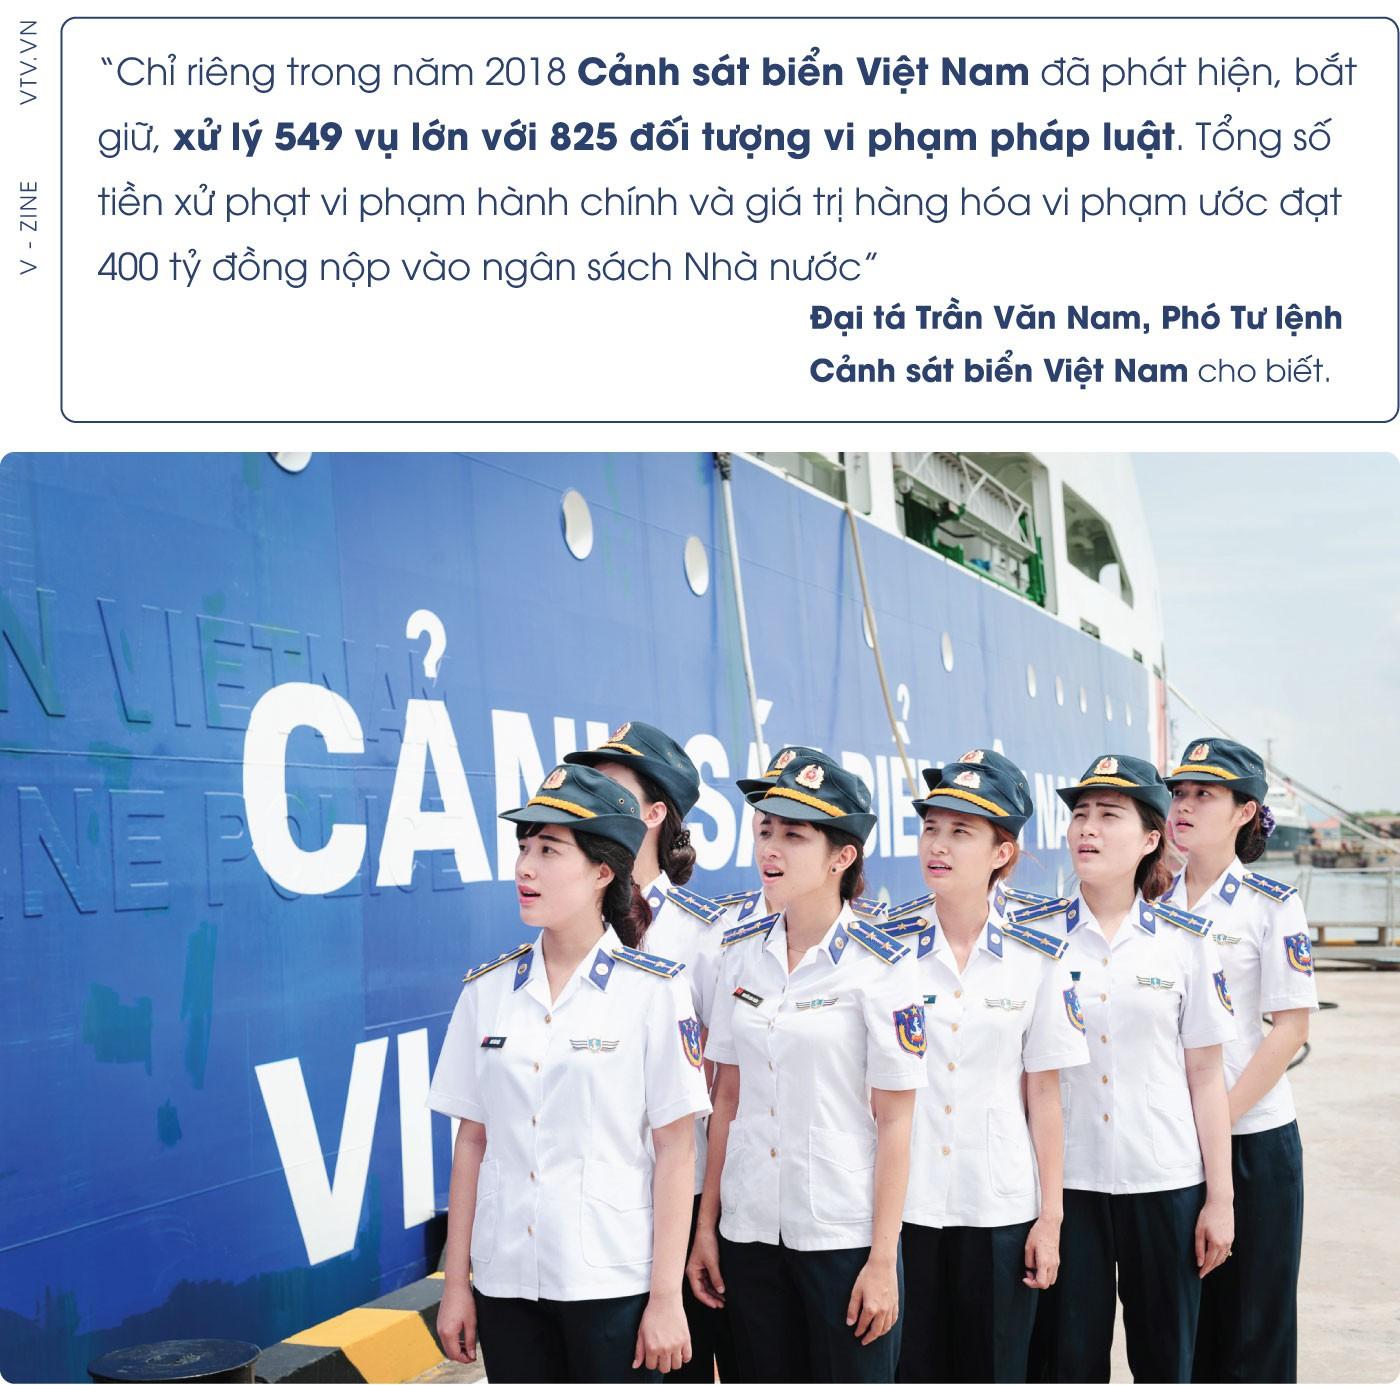 Cảnh sát biển Việt Nam: Bảo vệ chủ quyền với những cột mốc sống - Ảnh 2.